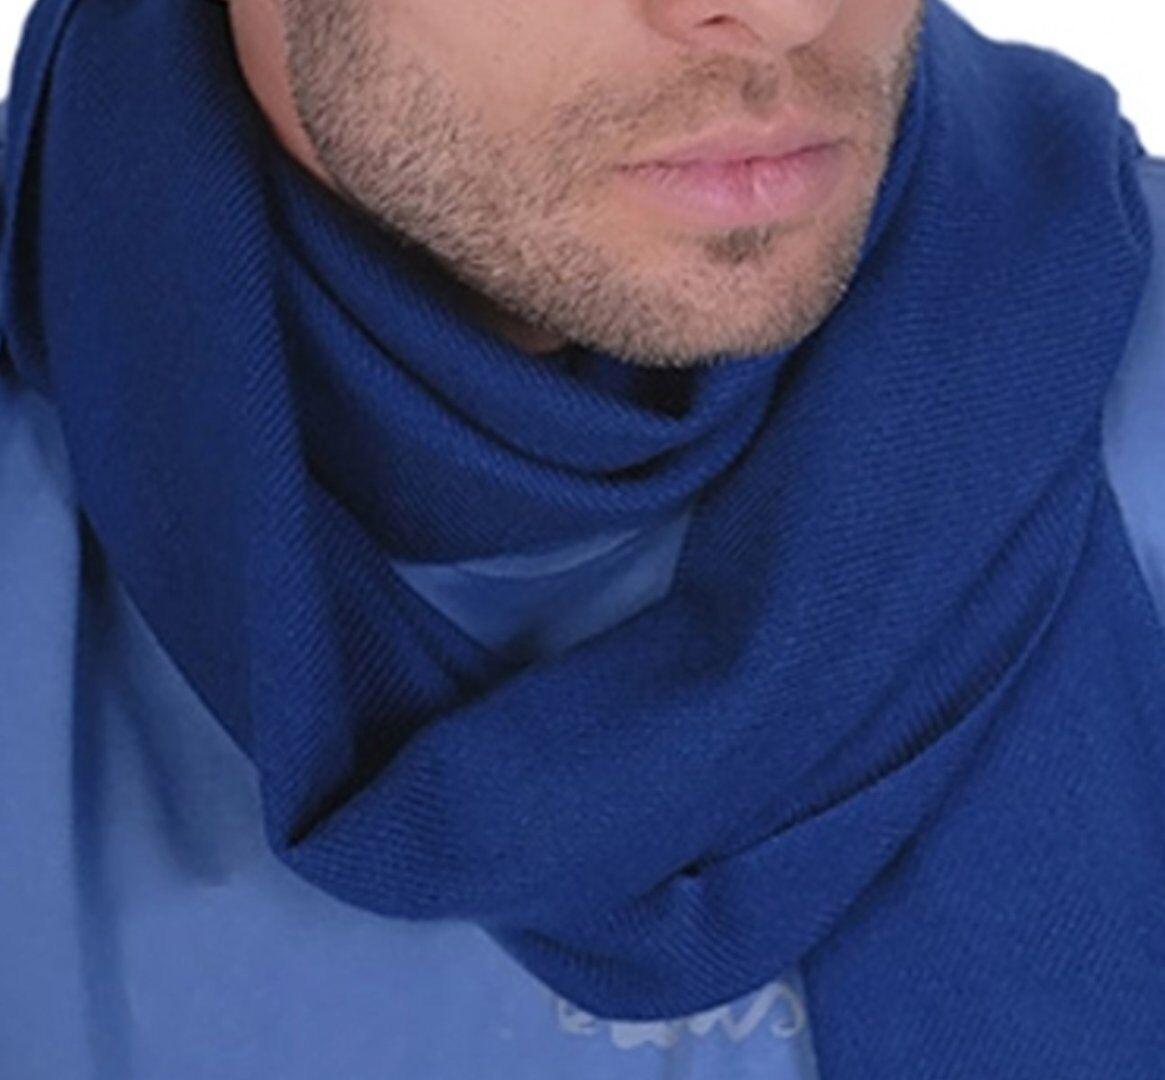 Balldiri 100% Cashmere Schal 200 x 35 cm 4-fädig gewebt kobaltblau